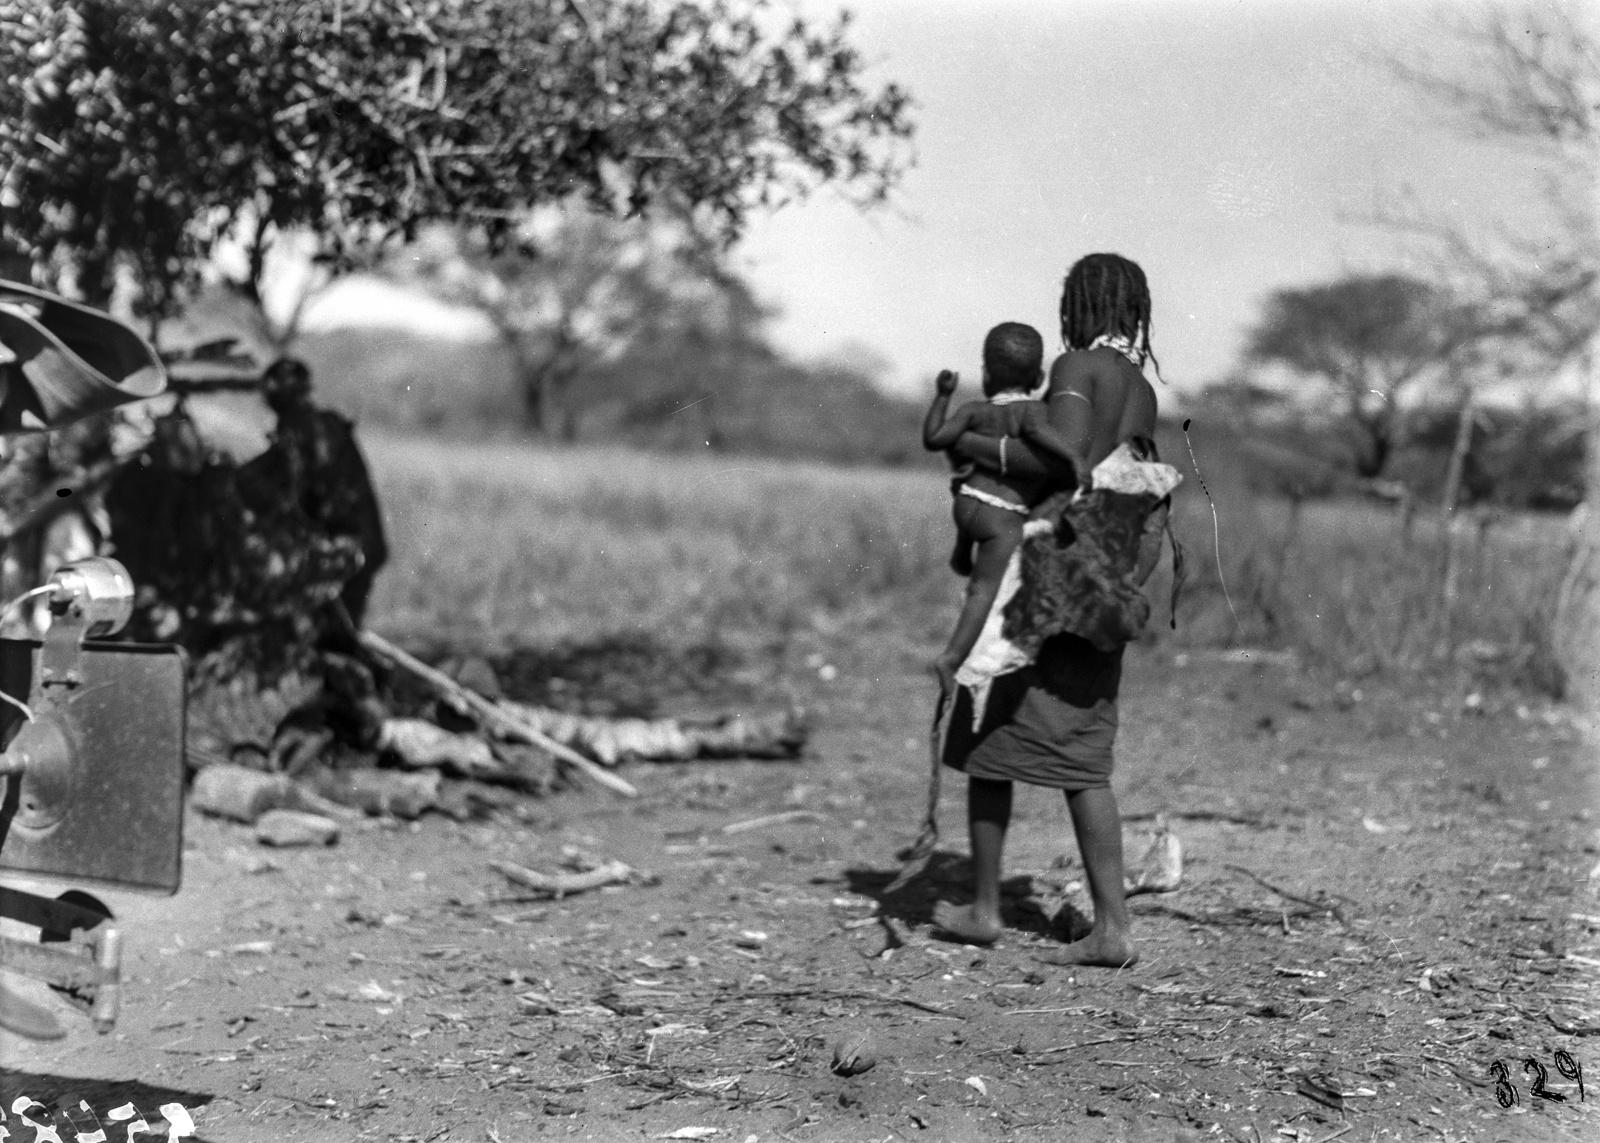 Южно-Африканский Союз. Квазулу-Наталь. Женщина-банту с ребенком